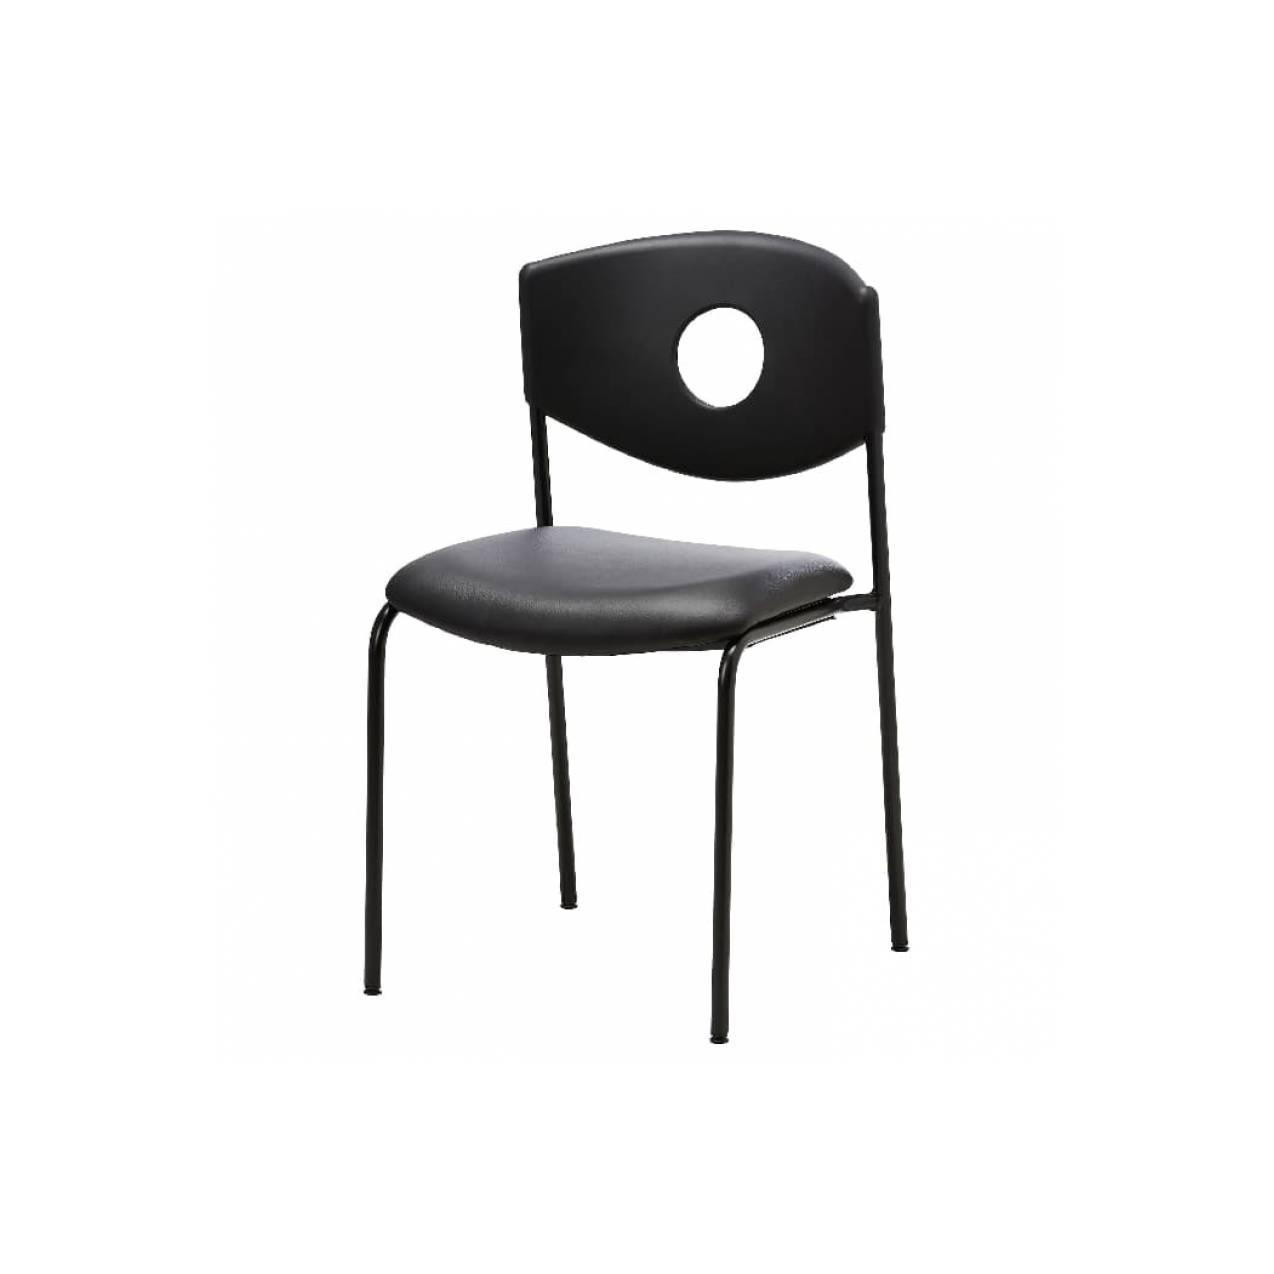 IKEA STOLJAN Kursi Rapat Hitam Hitam